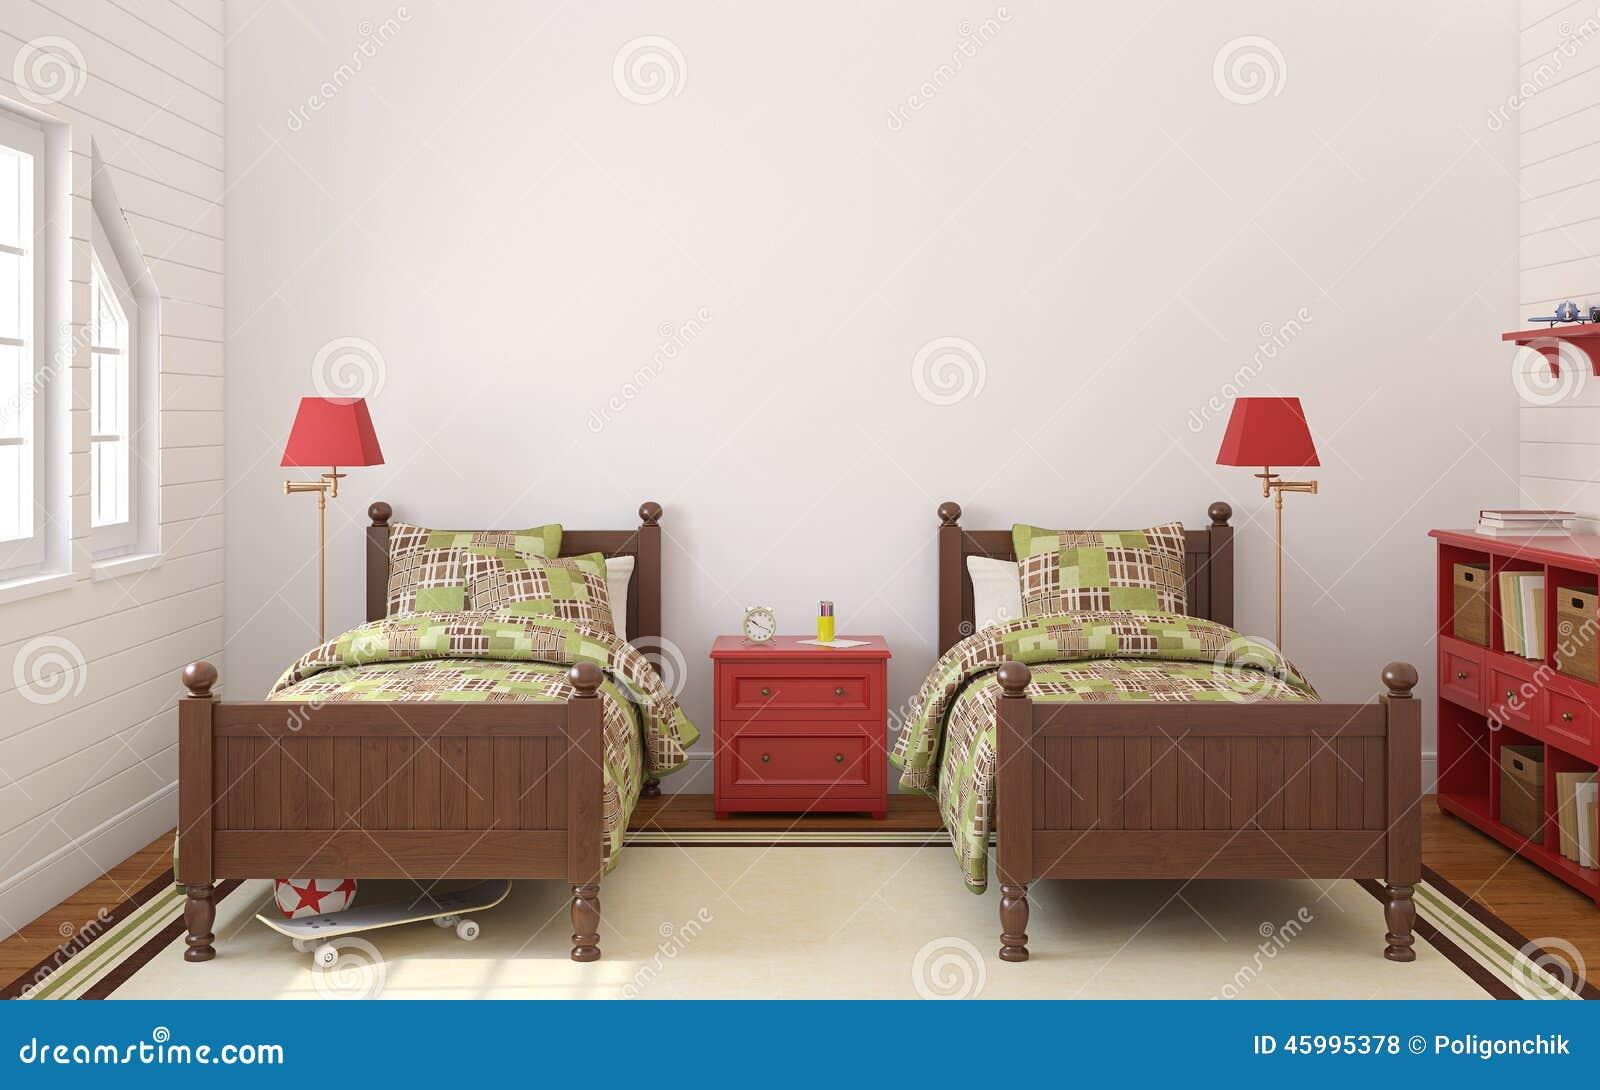 Camera Da Letto Bambino : Camera da letto per due bambini illustrazione di stock